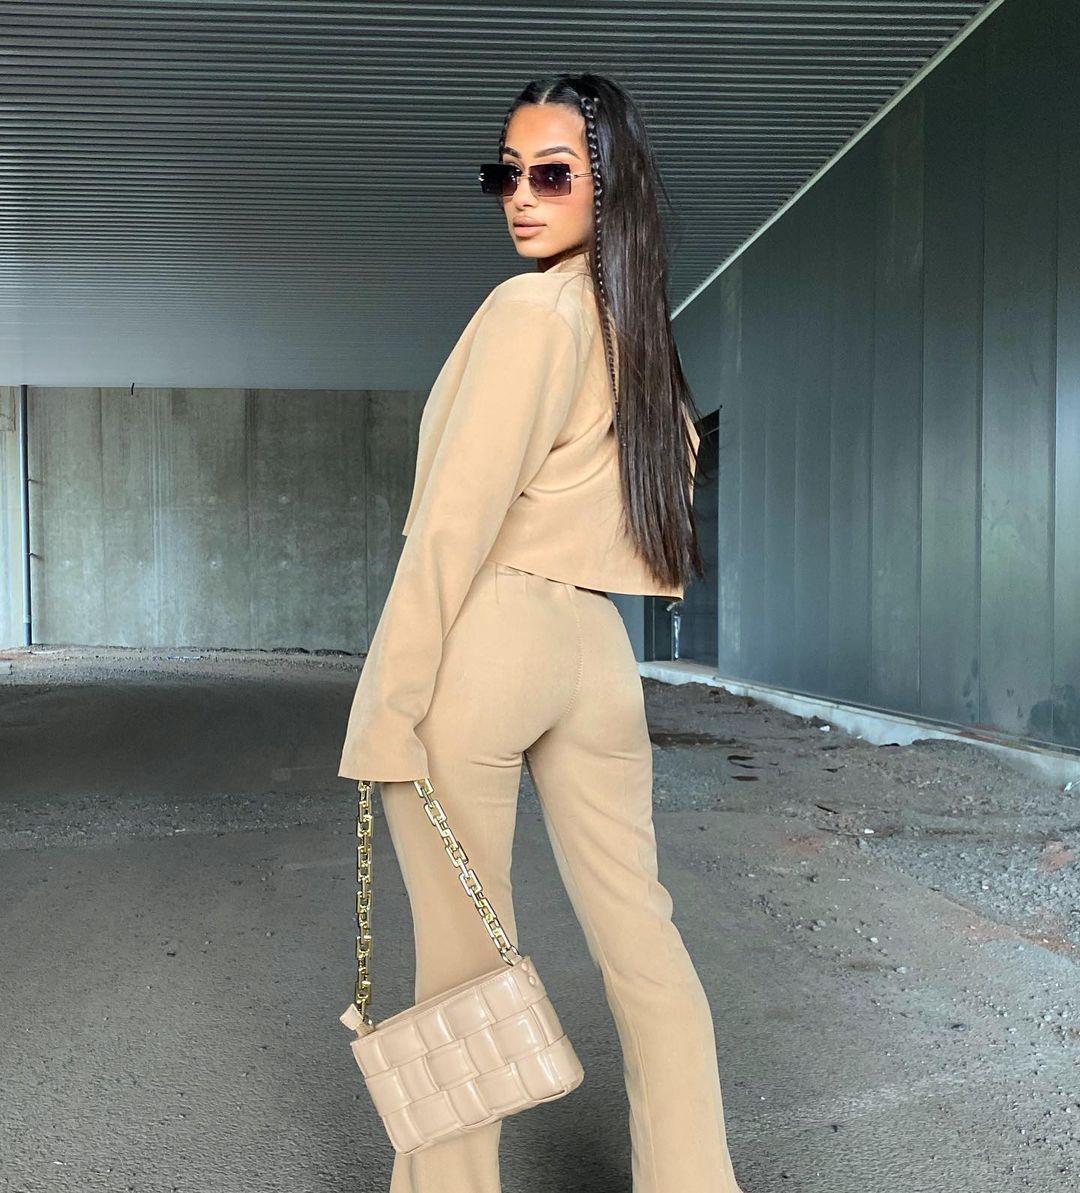 Sabrina-Khouiel-Wallpapers-Insta-Fit-Bio-4